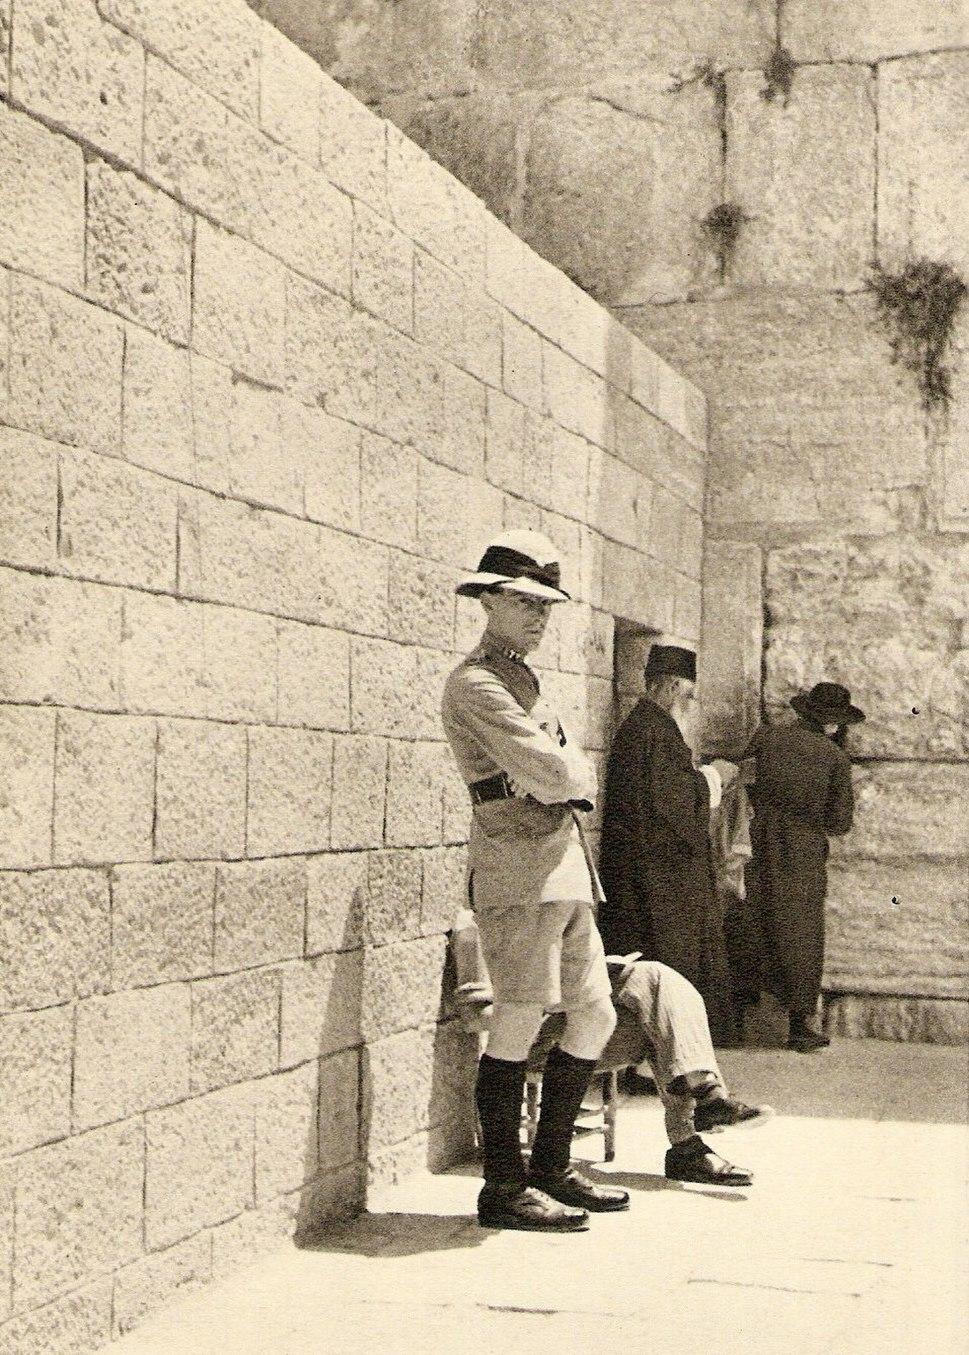 British police wailing wall1